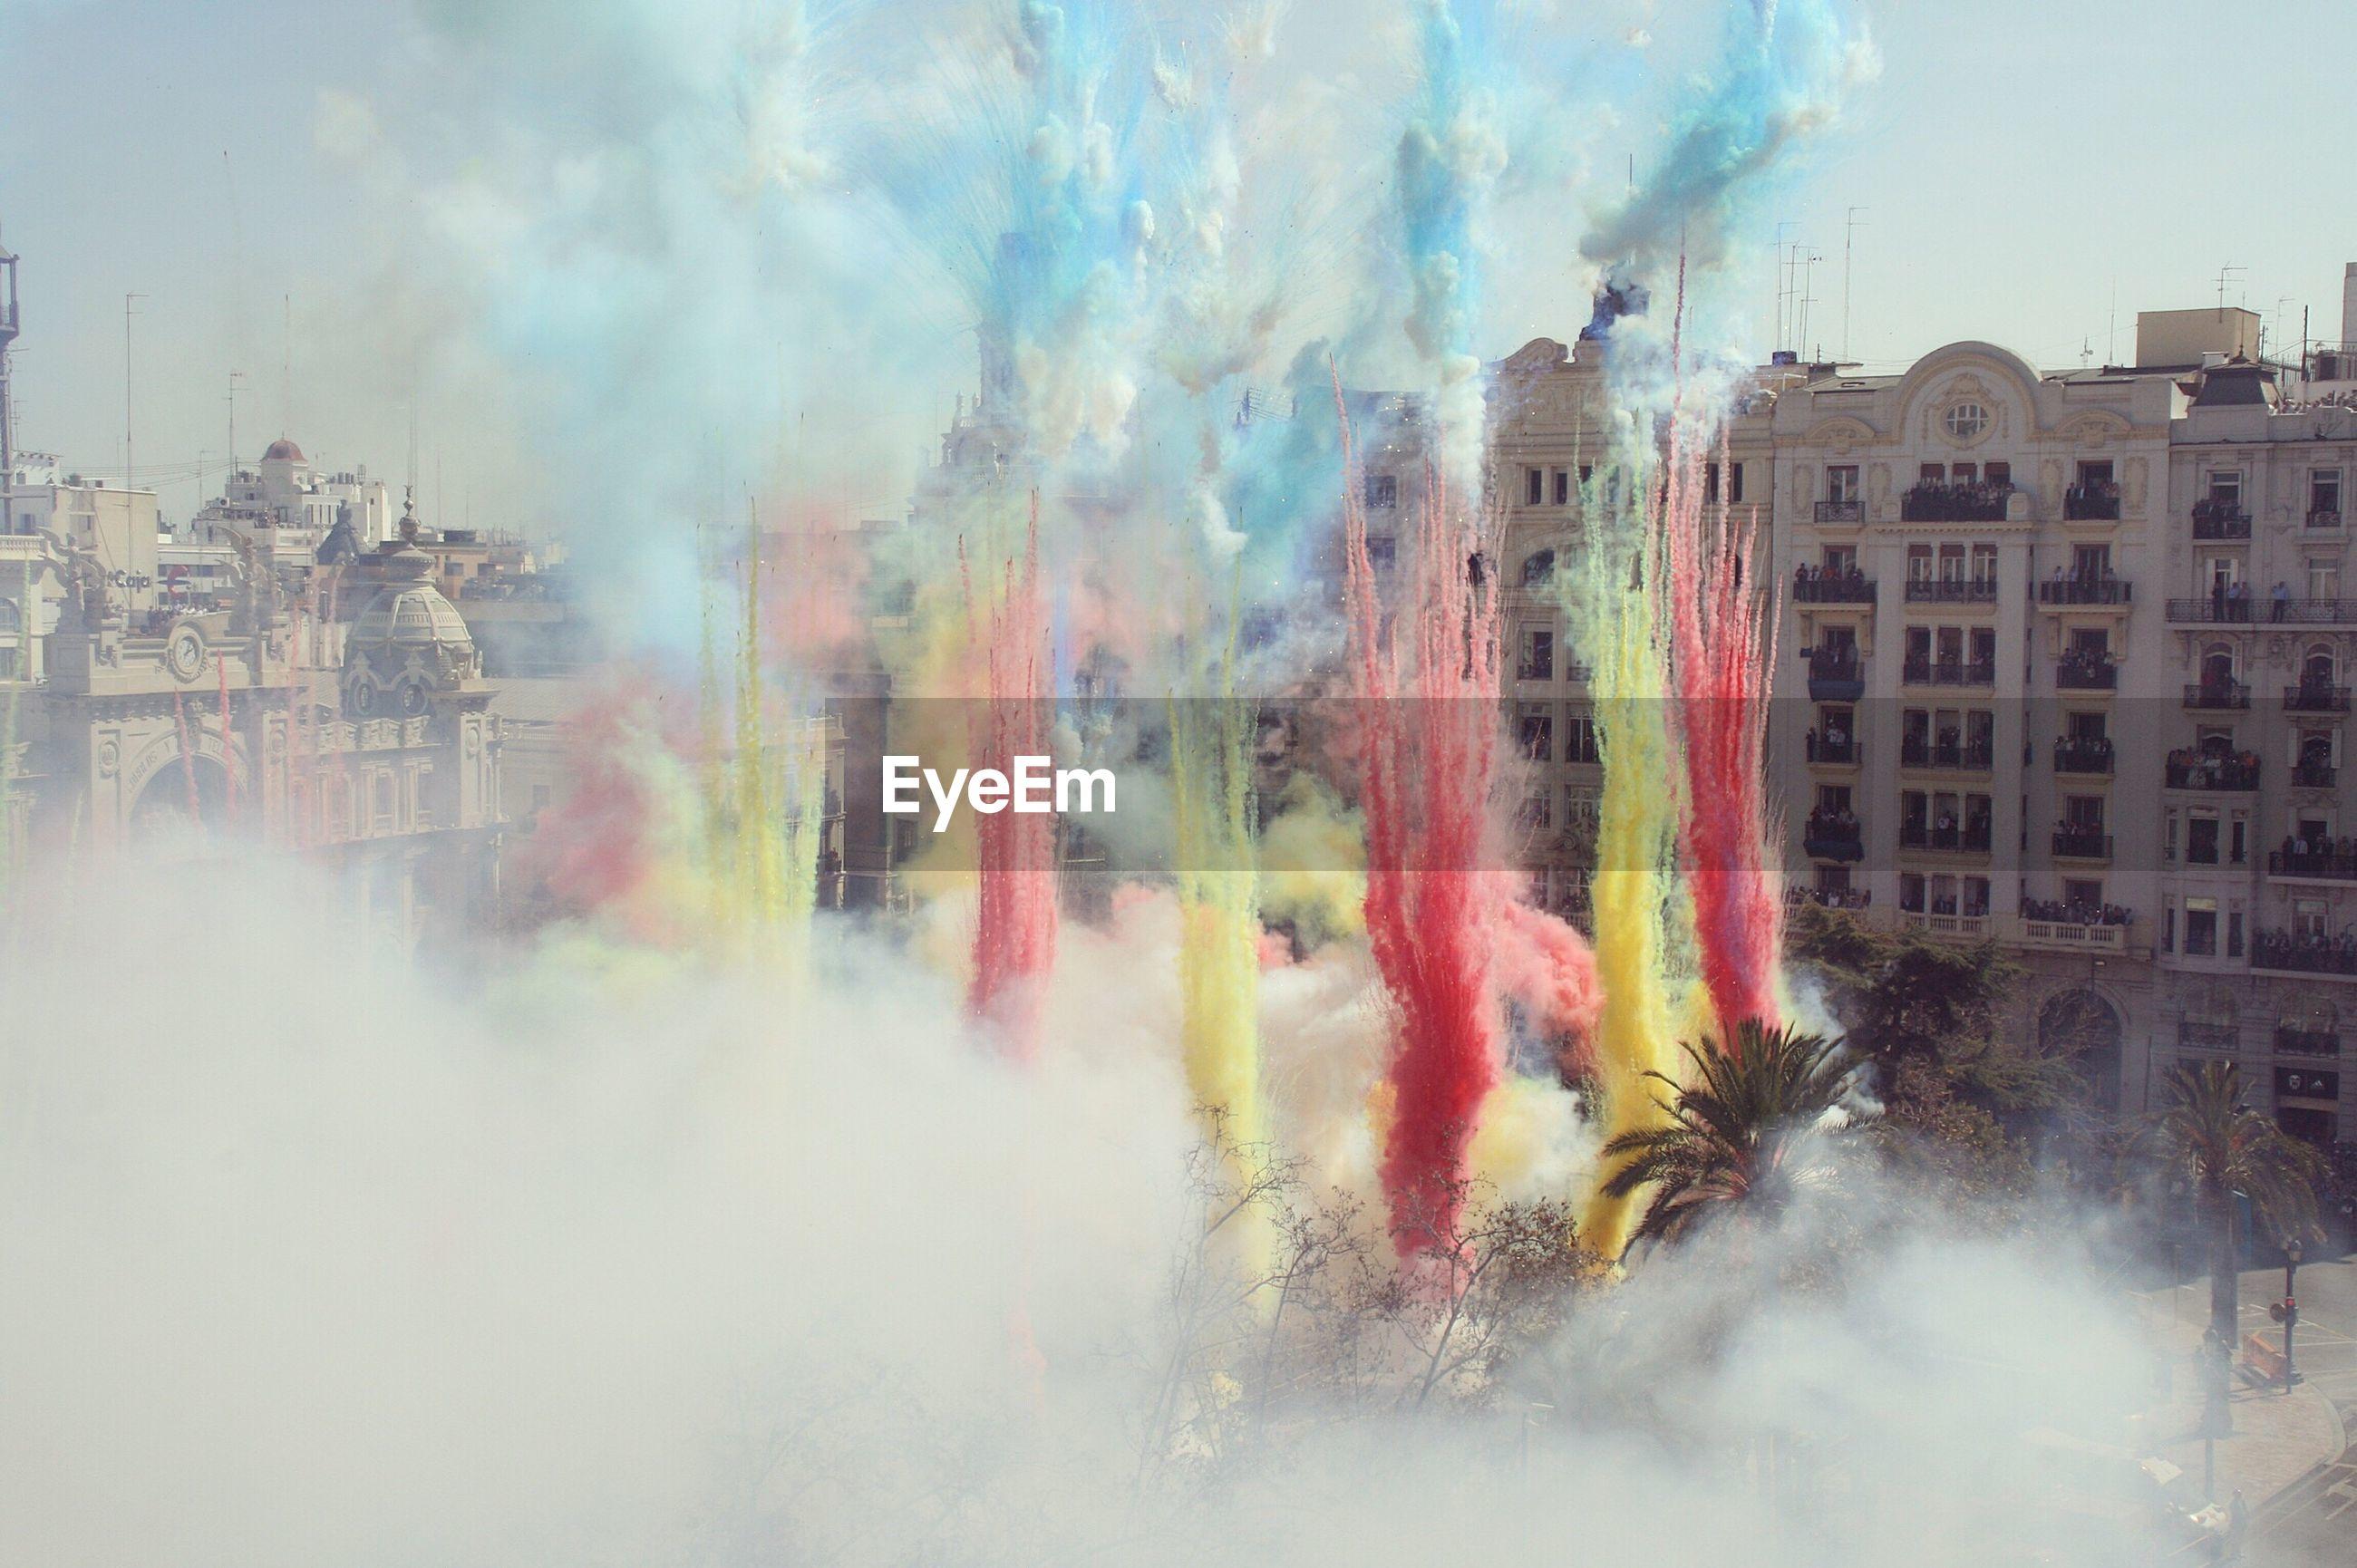 Rainbow over city against cloudy sky